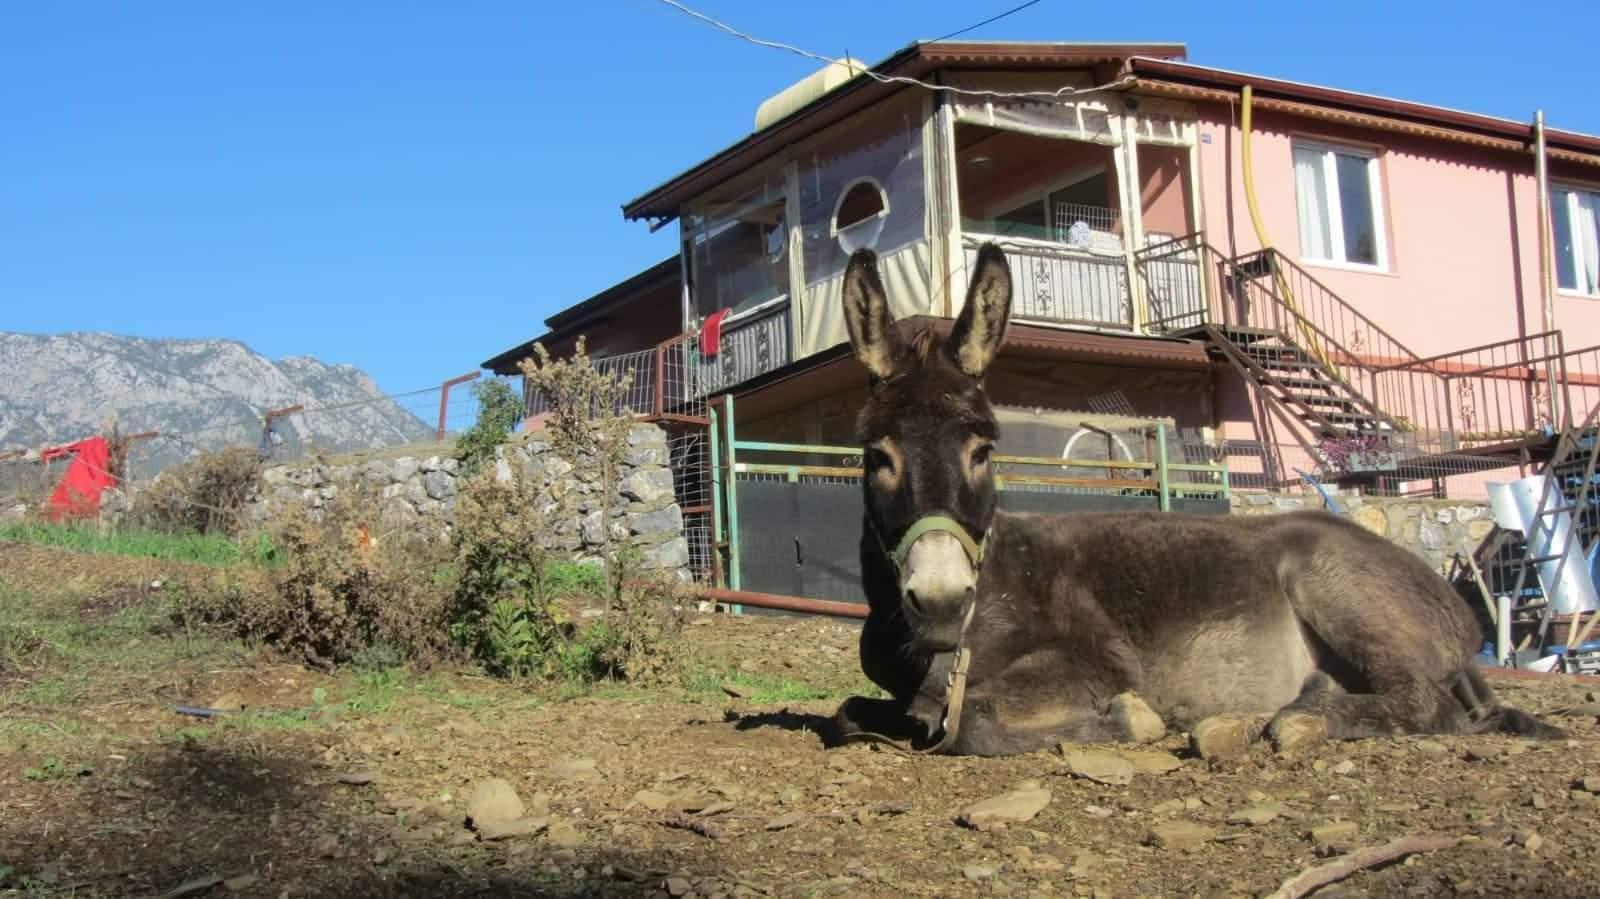 Ein Esel liegt vor einem Haus